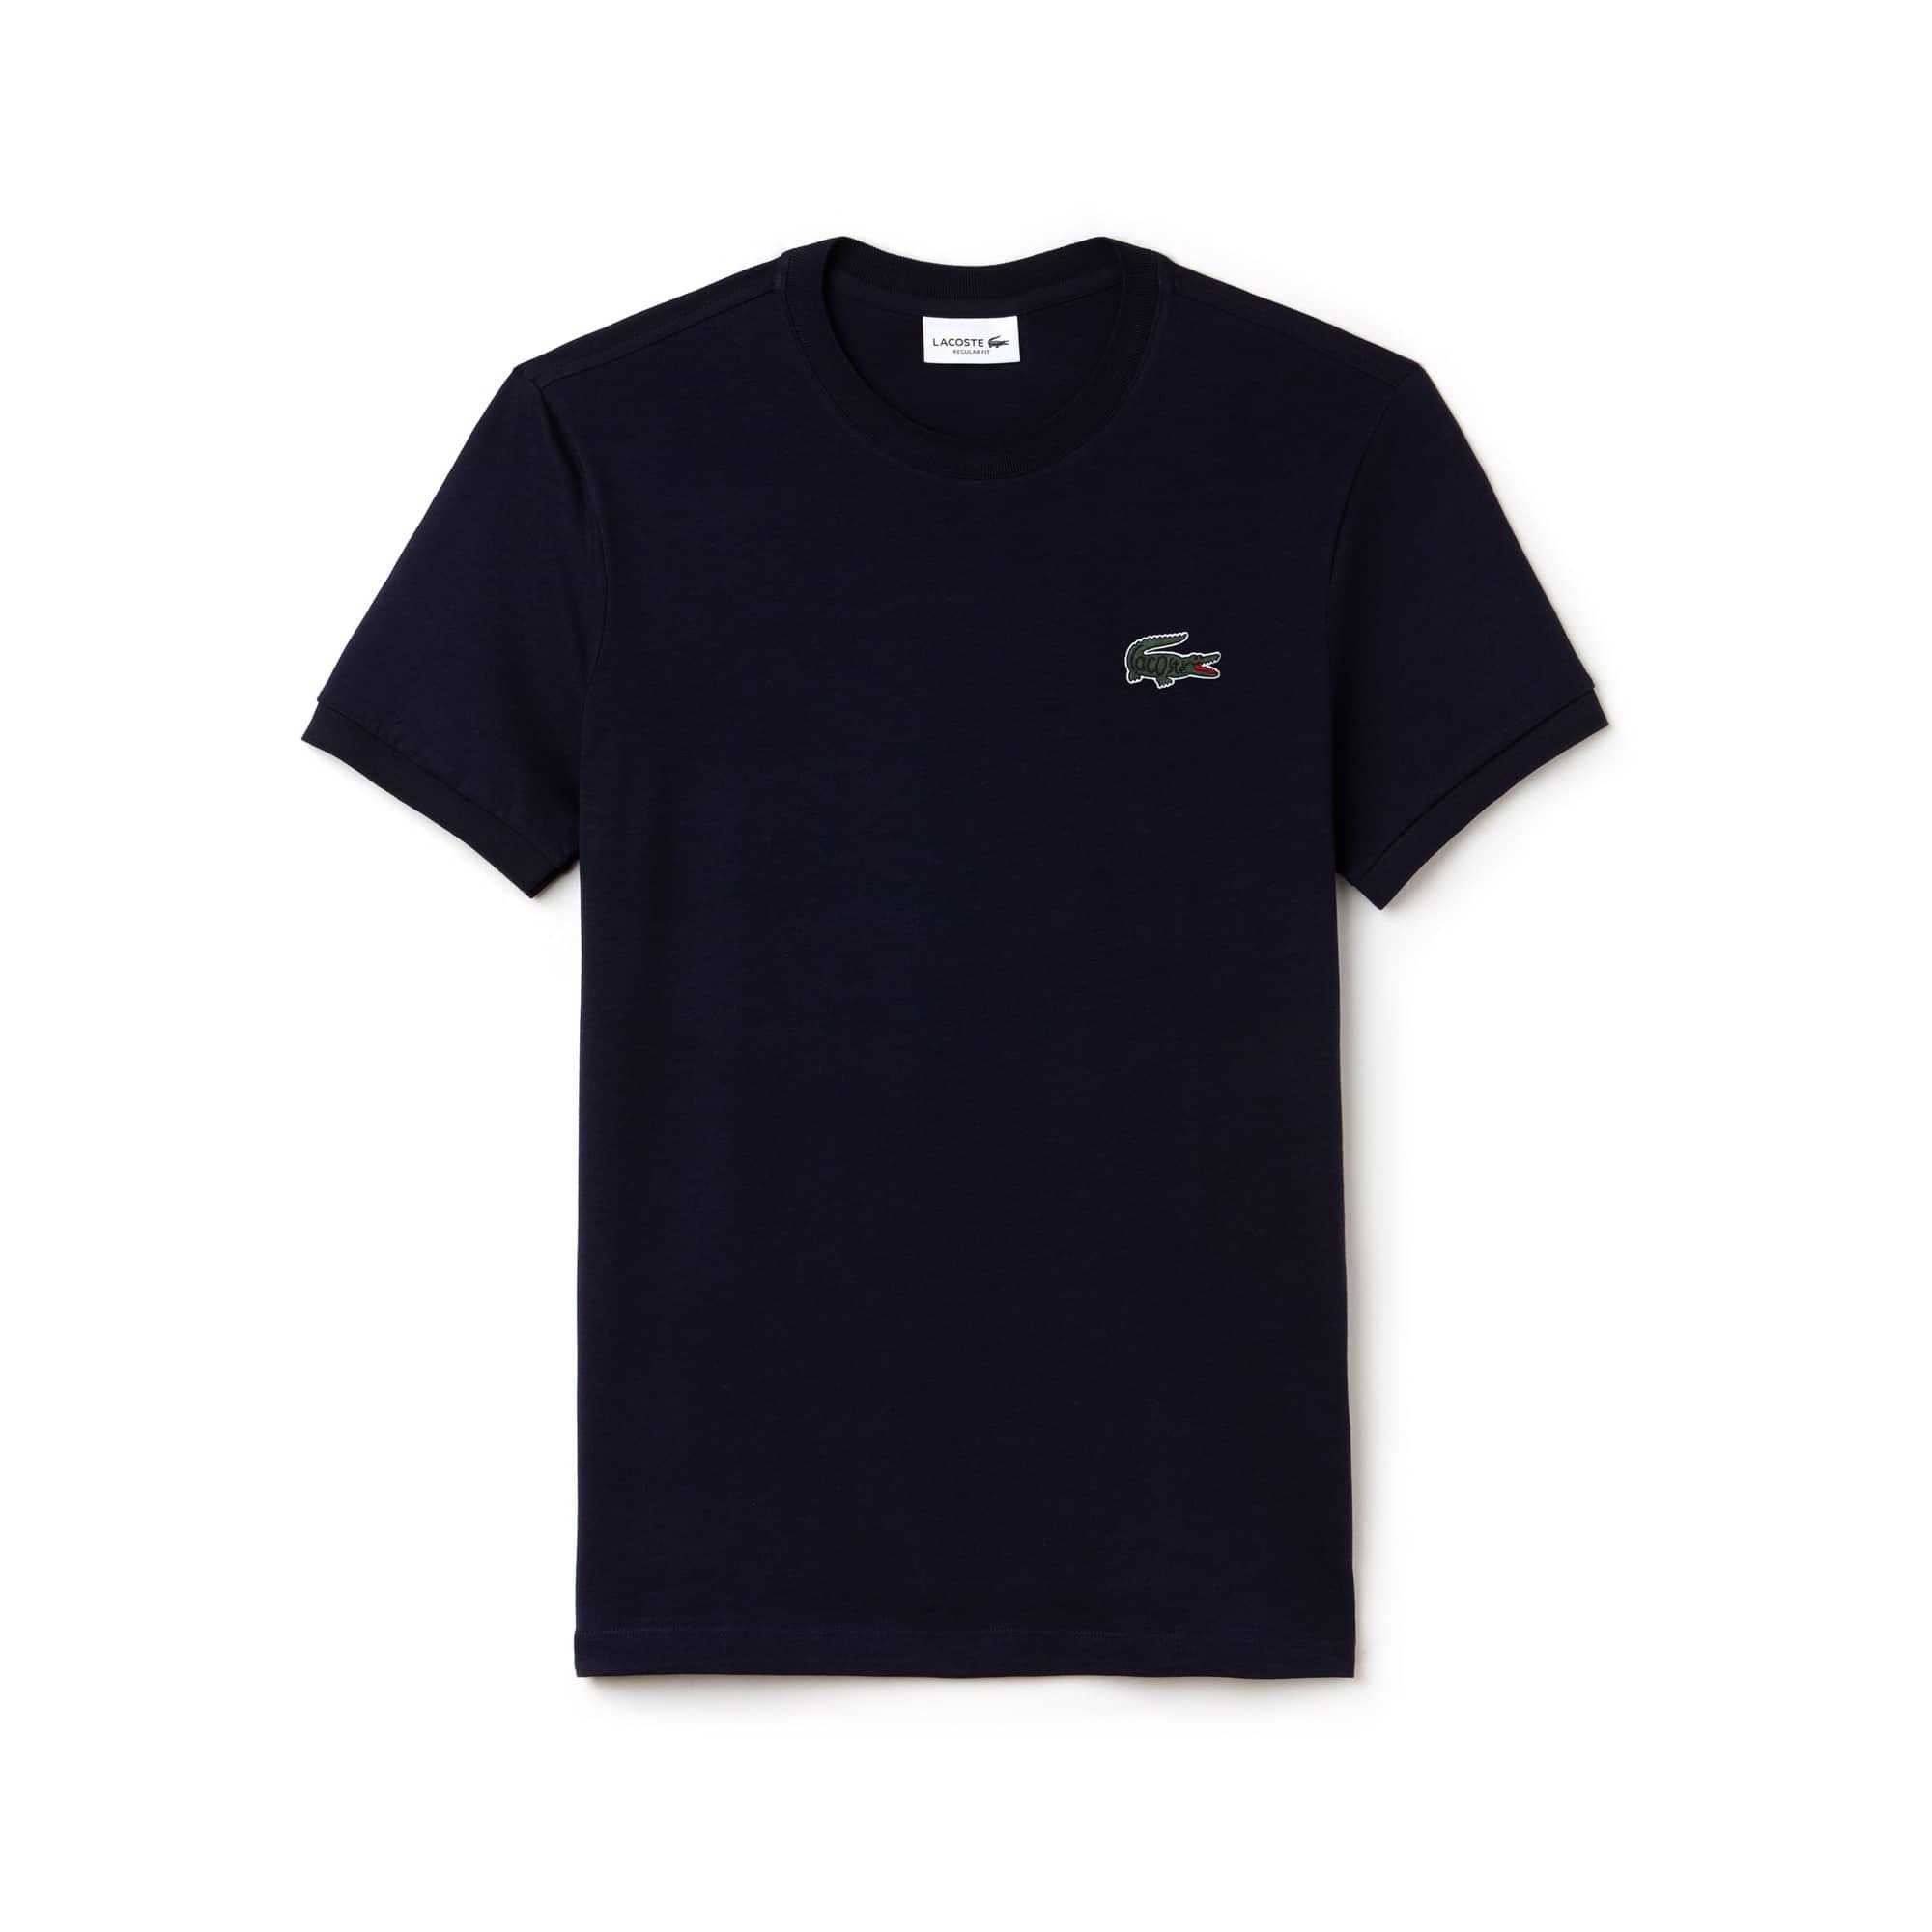 Herren-Rundhals-T-Shirt aus Baumwolljersey mit LACOSTE-Schriftzug